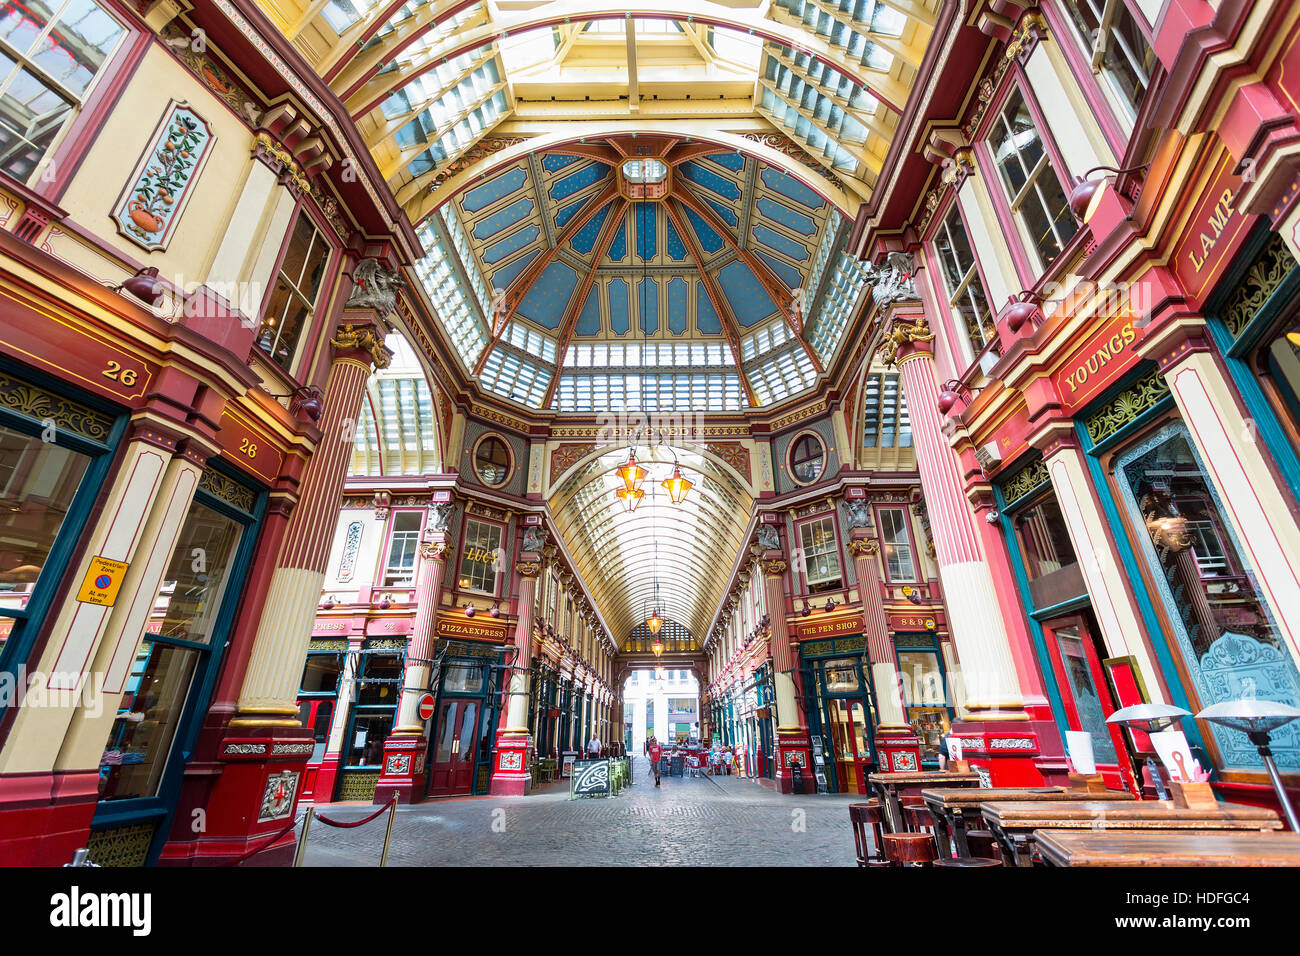 Londres - vista interior del Leadenhall Market, Gracechurch Street, el 25 de agosto de 20116 en Londres, Reino Unido, Imagen De Stock